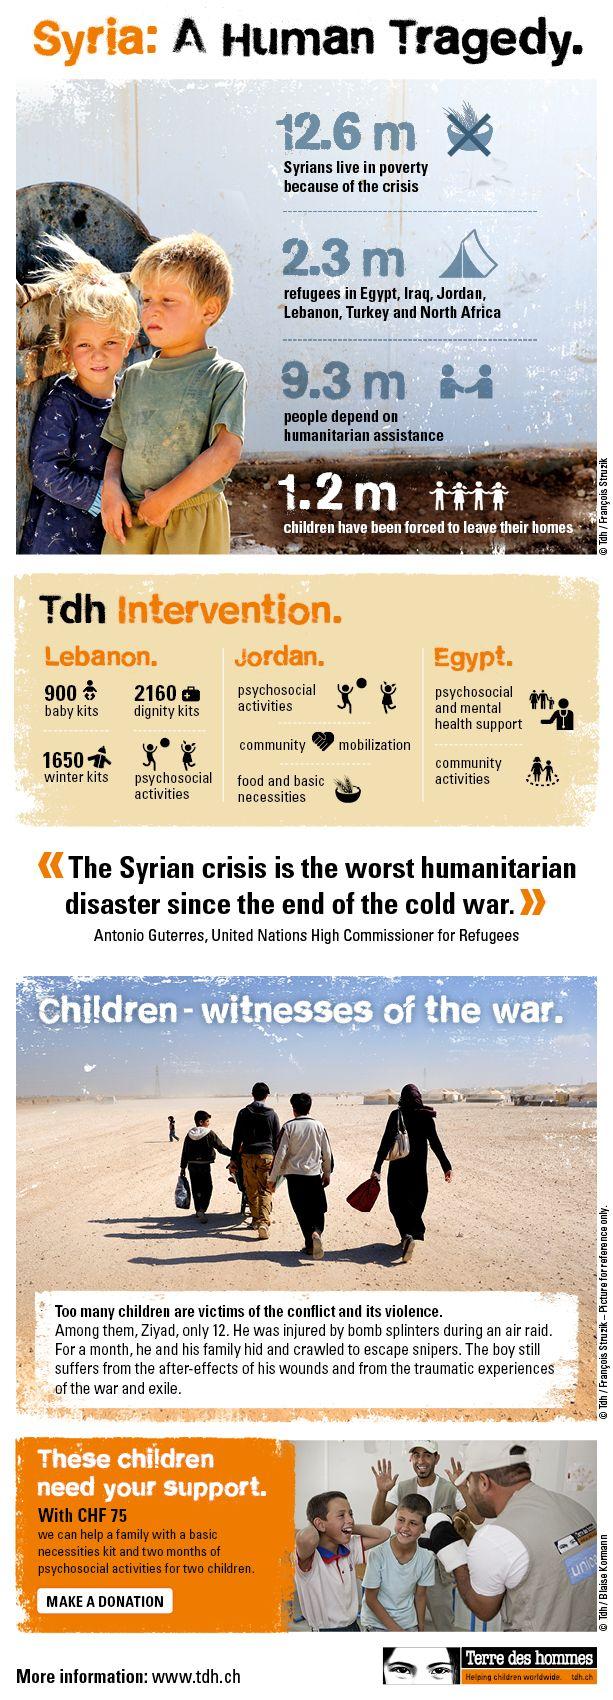 Syria: A Human Tragedy